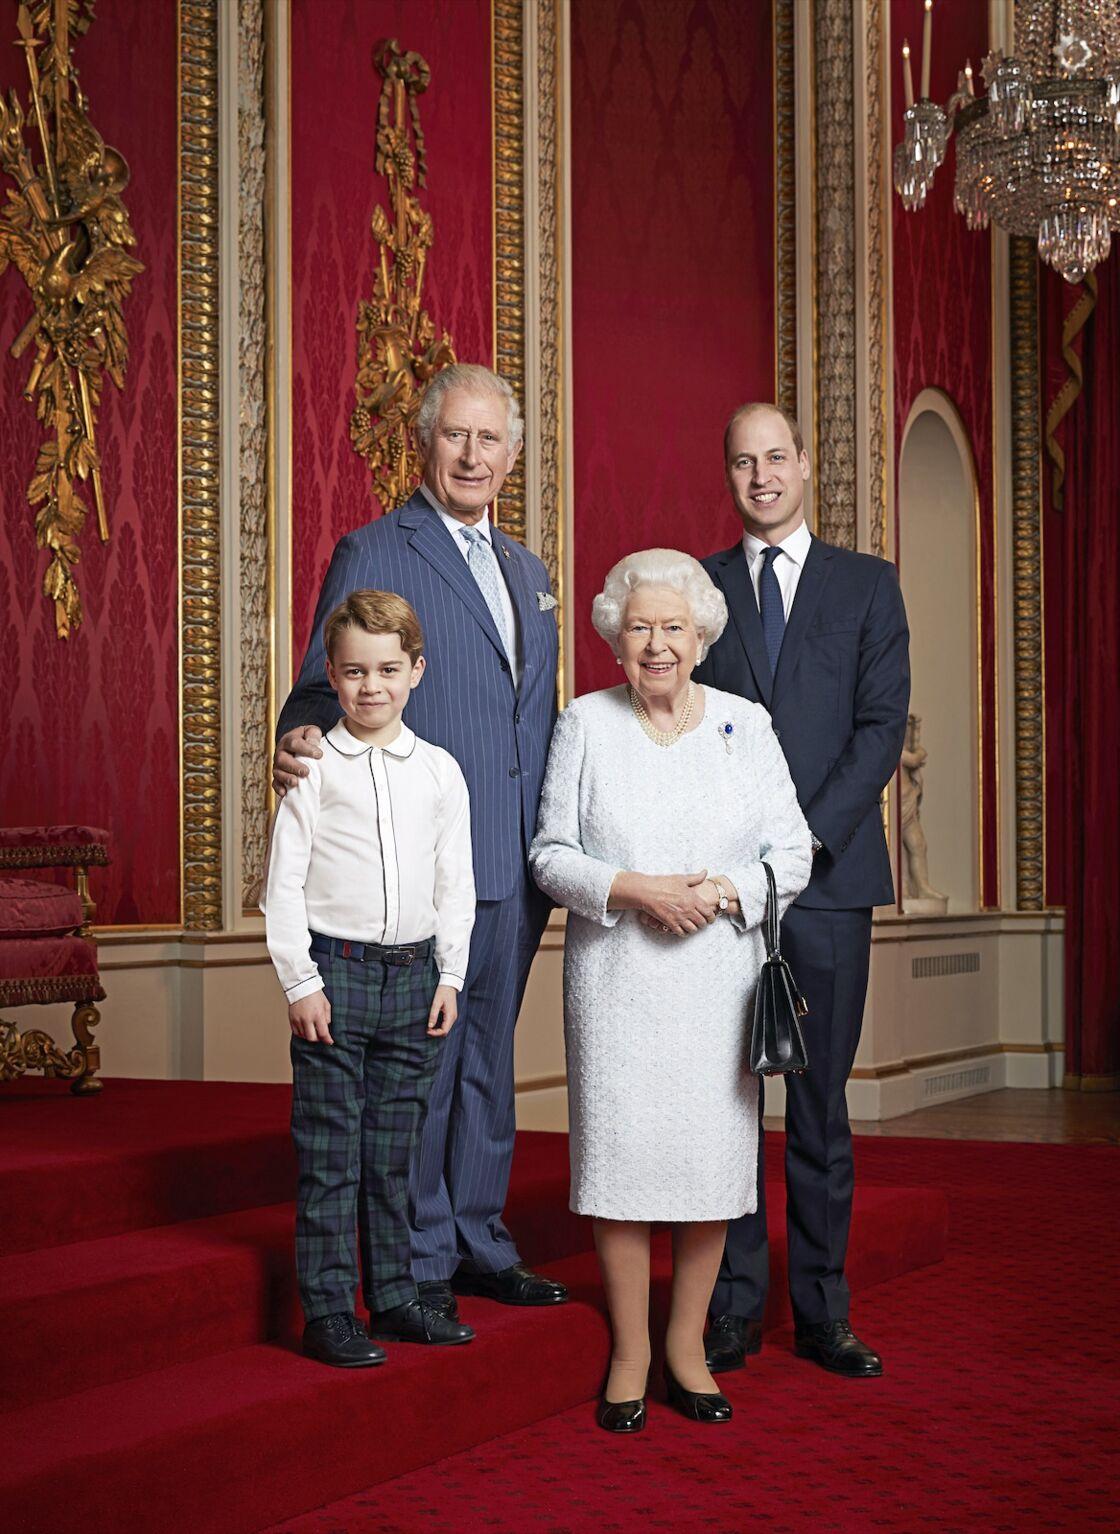 La reine Elisabeth en compagnie du prince Charles, le prince William et le prince George, héritiers du trône britannique, au palais de Buckingham